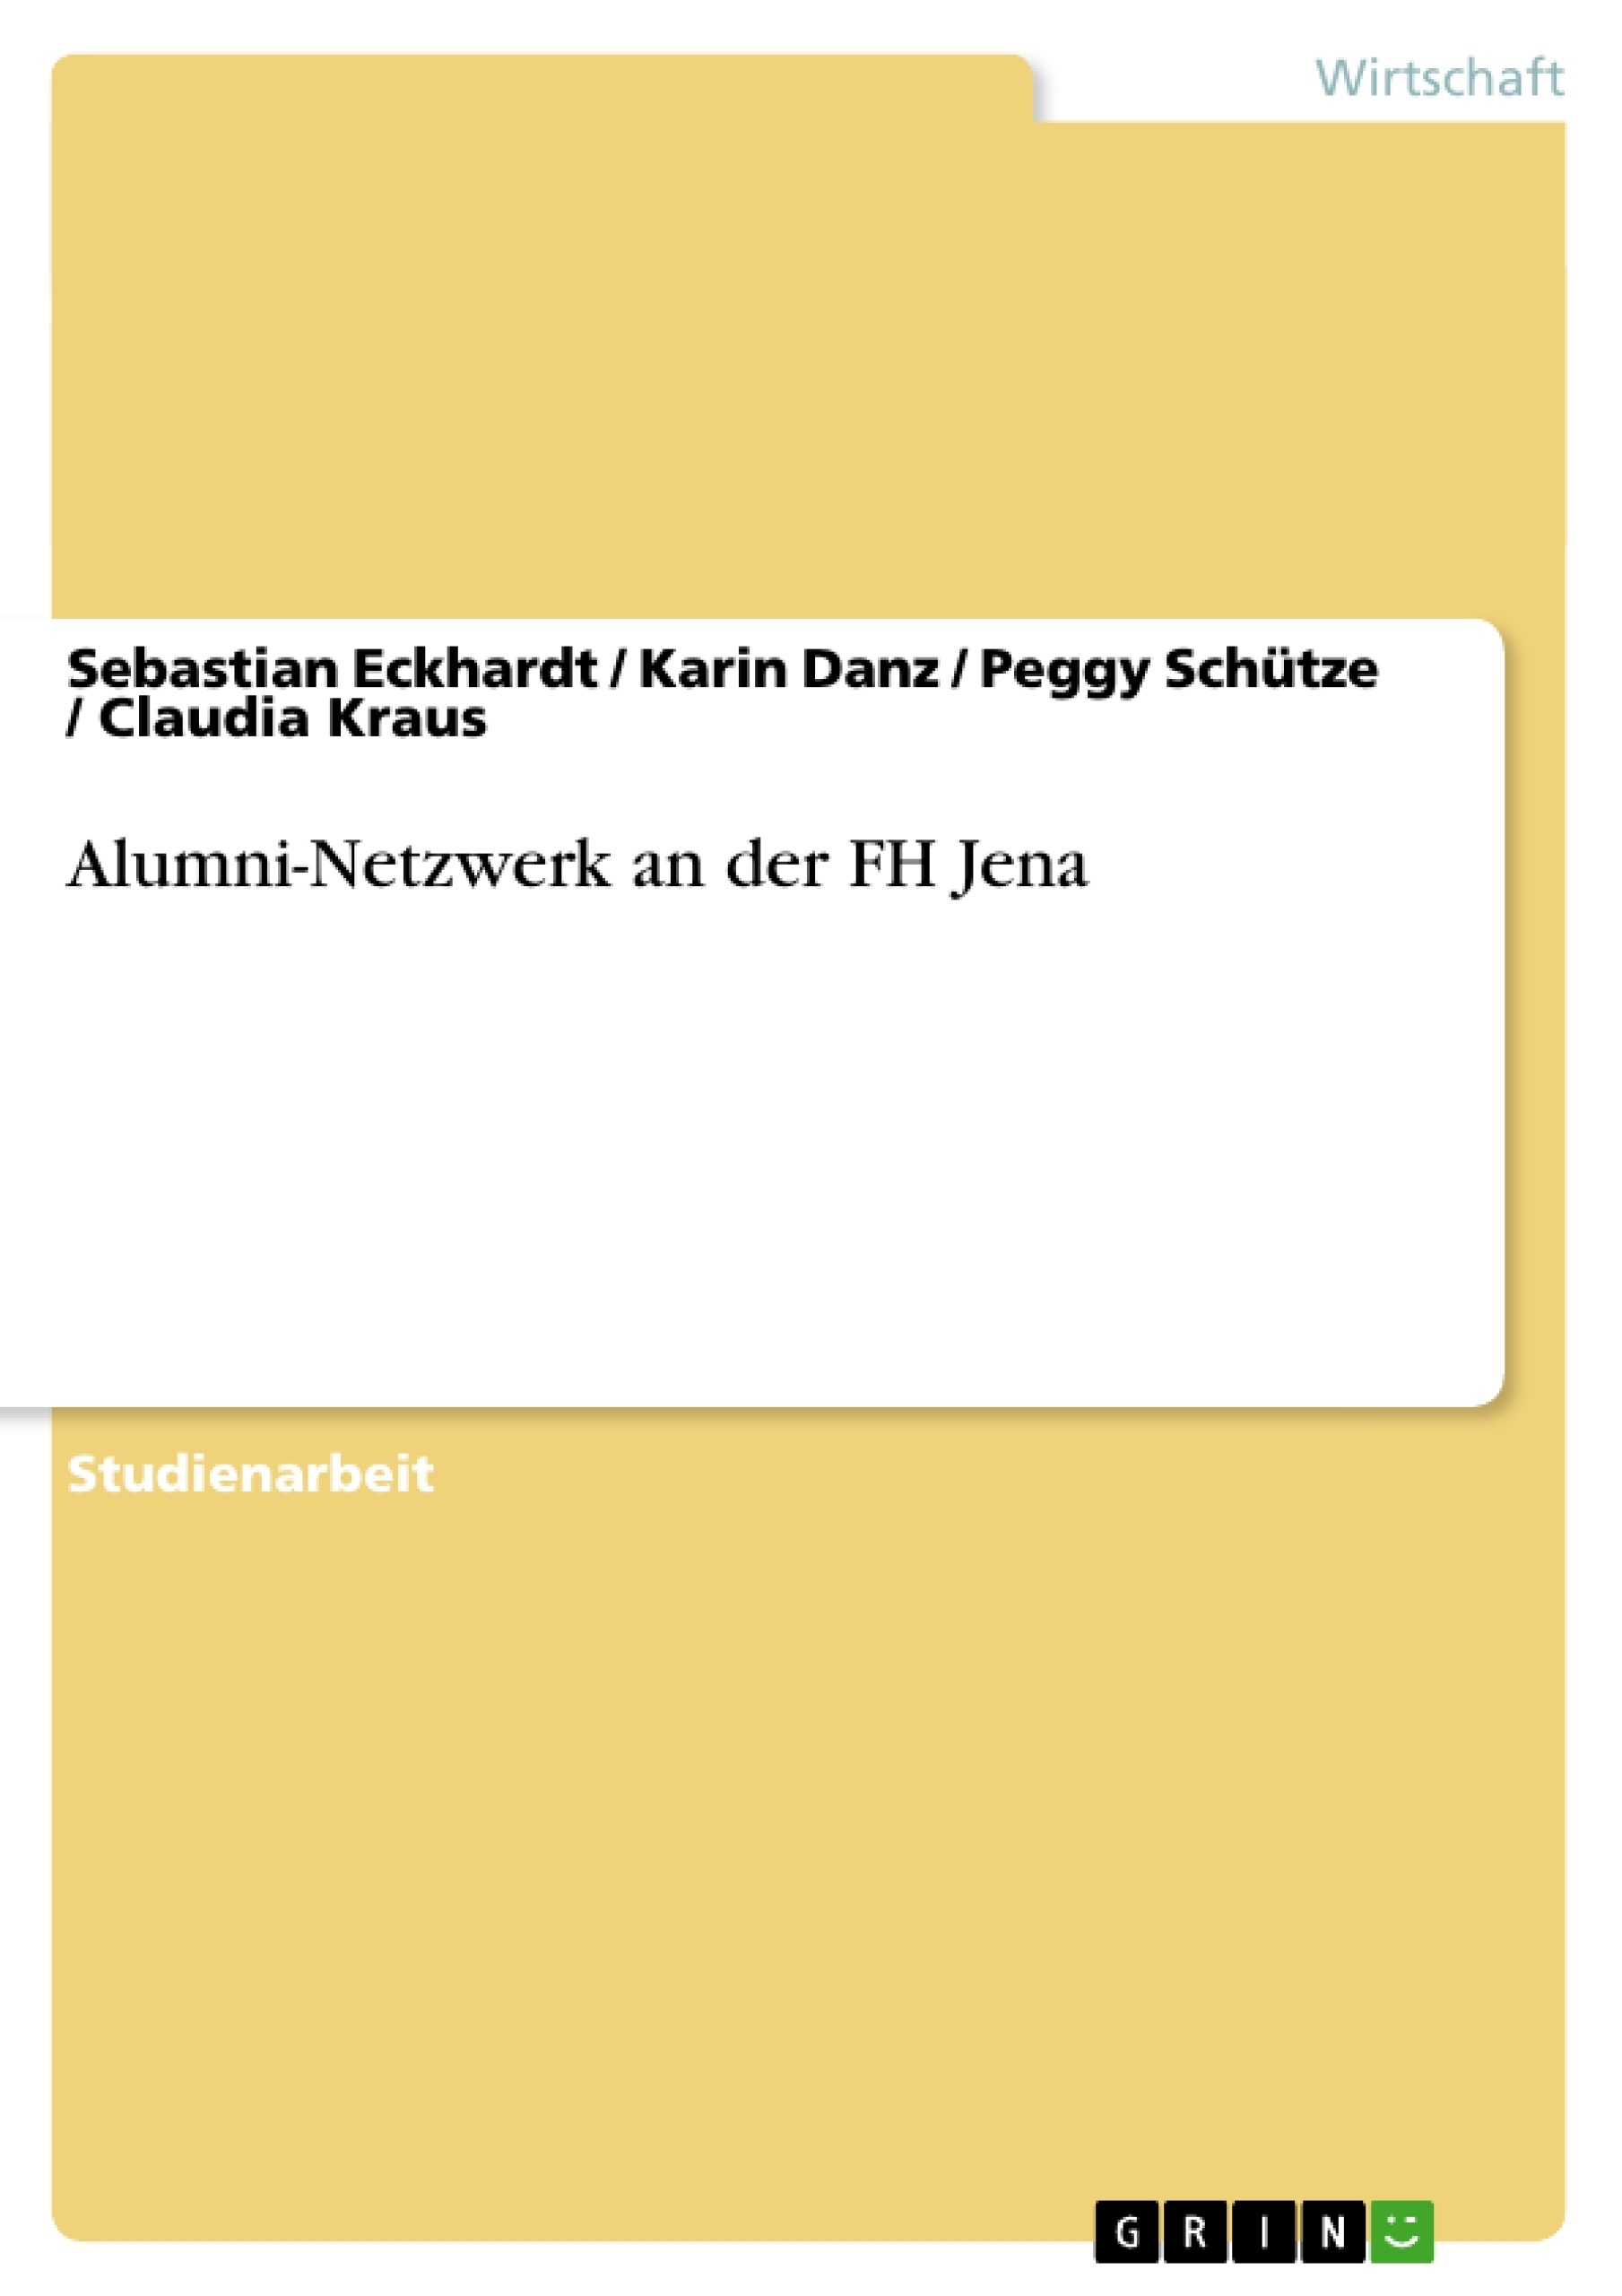 Alumni-Netzwerk an der FH Jena   Masterarbeit, Hausarbeit ...